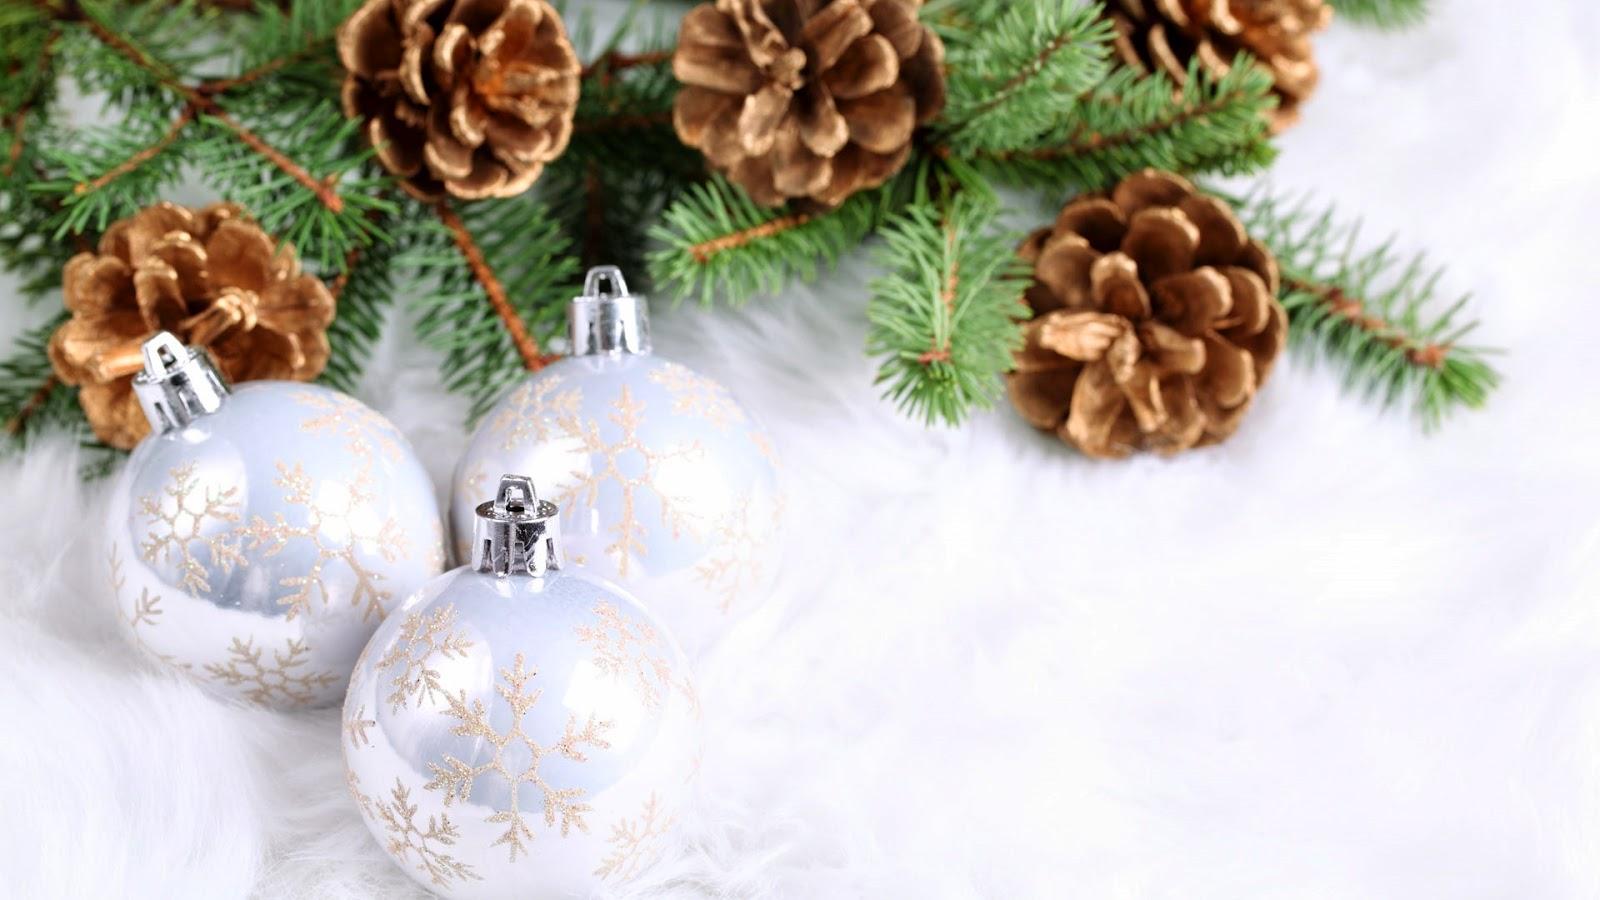 Imagenes hilandy fondo de pantalla navidad bolas for Imagenes de bolas de navidad